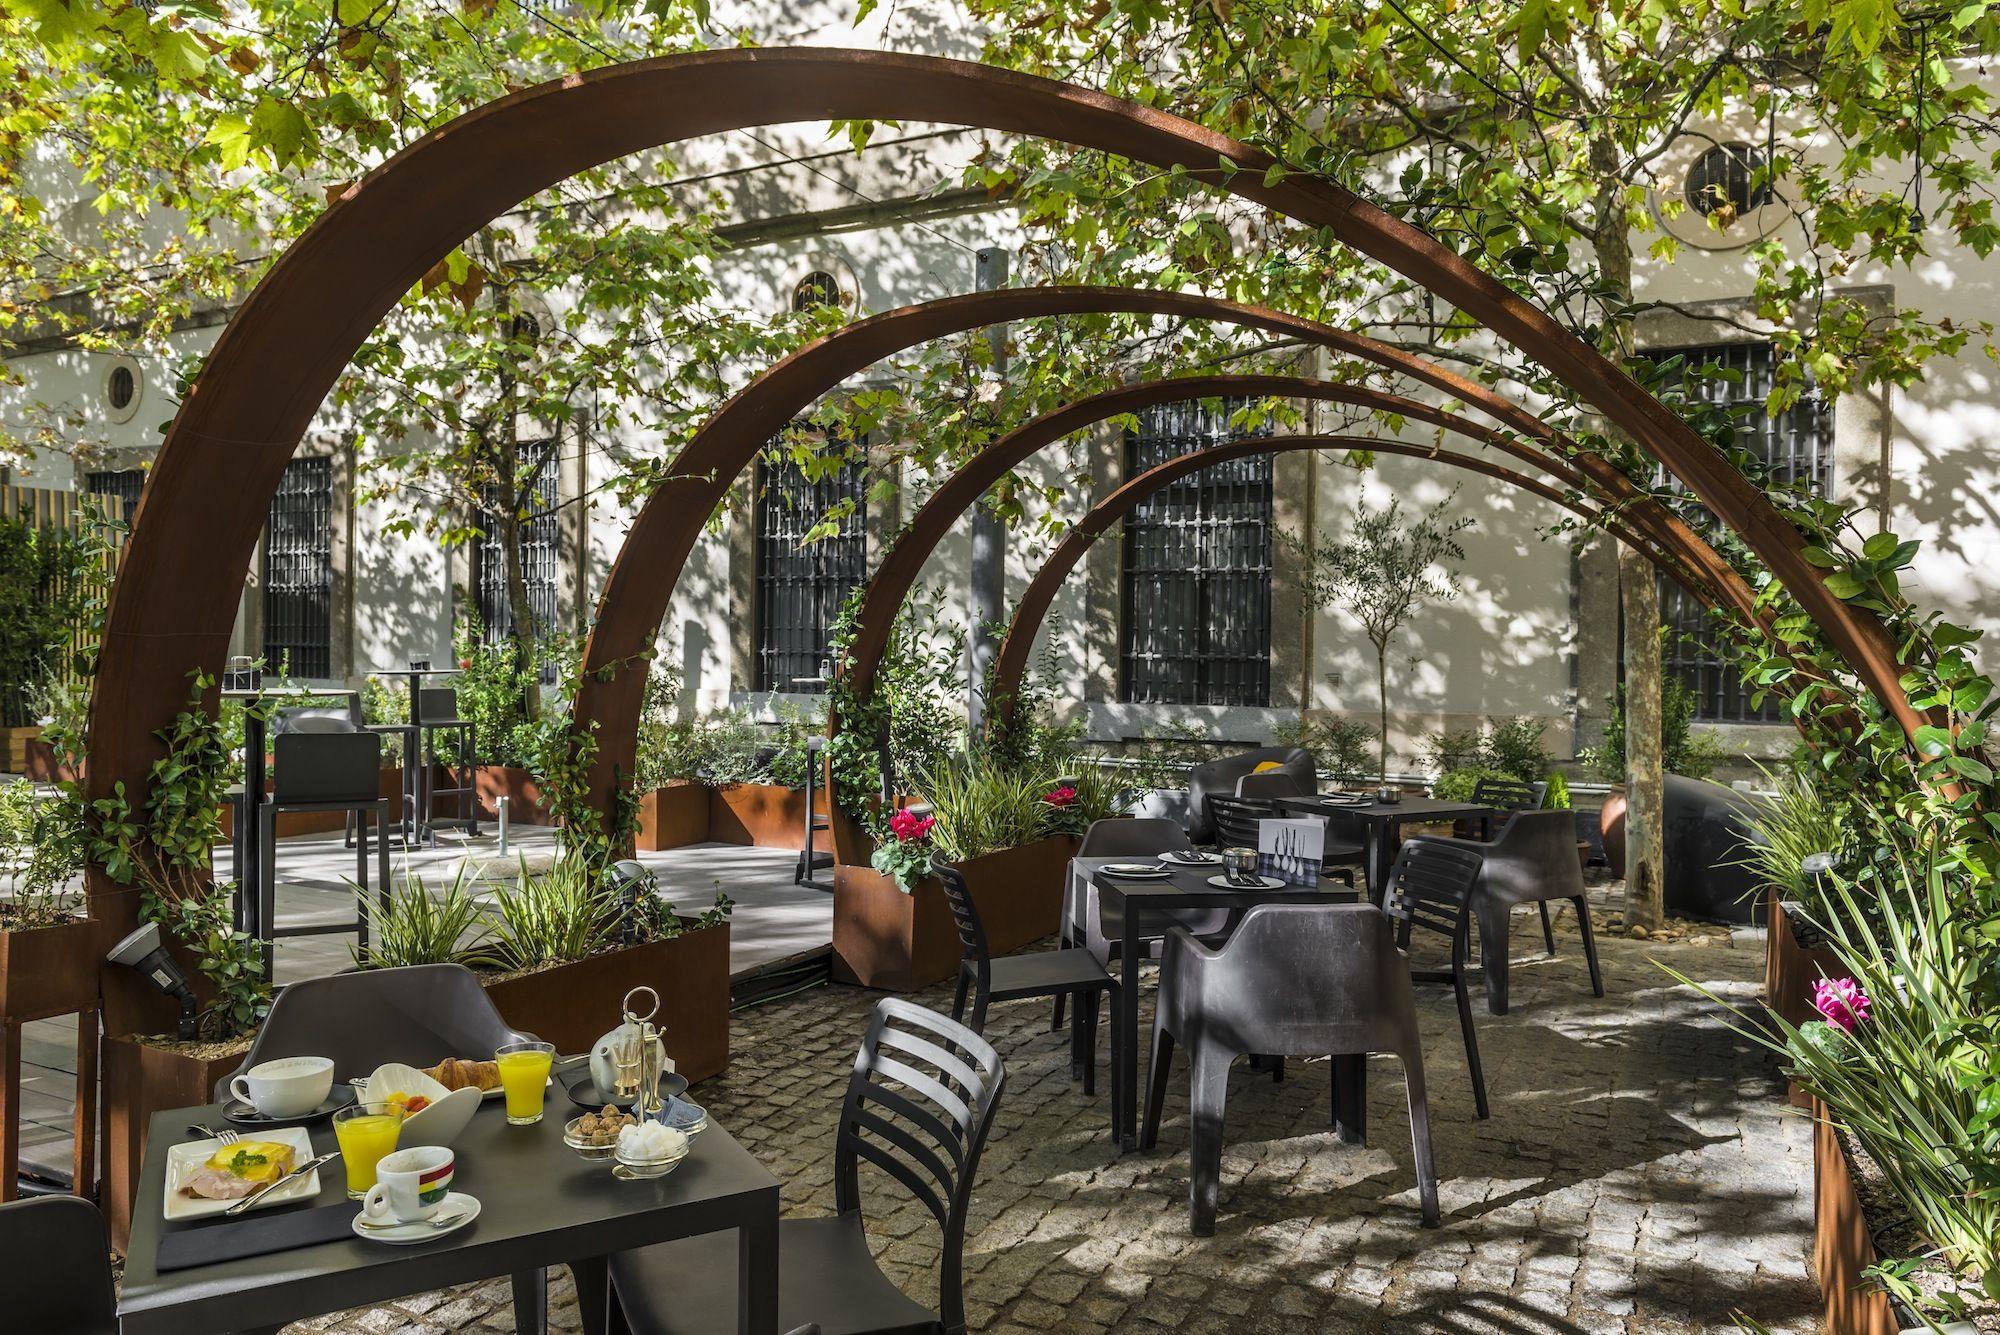 Disfrutar Al Aire Libre En Invierno En La Terraza Del Reina Sofia By Arzabal Todo Un Lujo Restaurante Al Aire Libre Restaurante Jardin Terraza